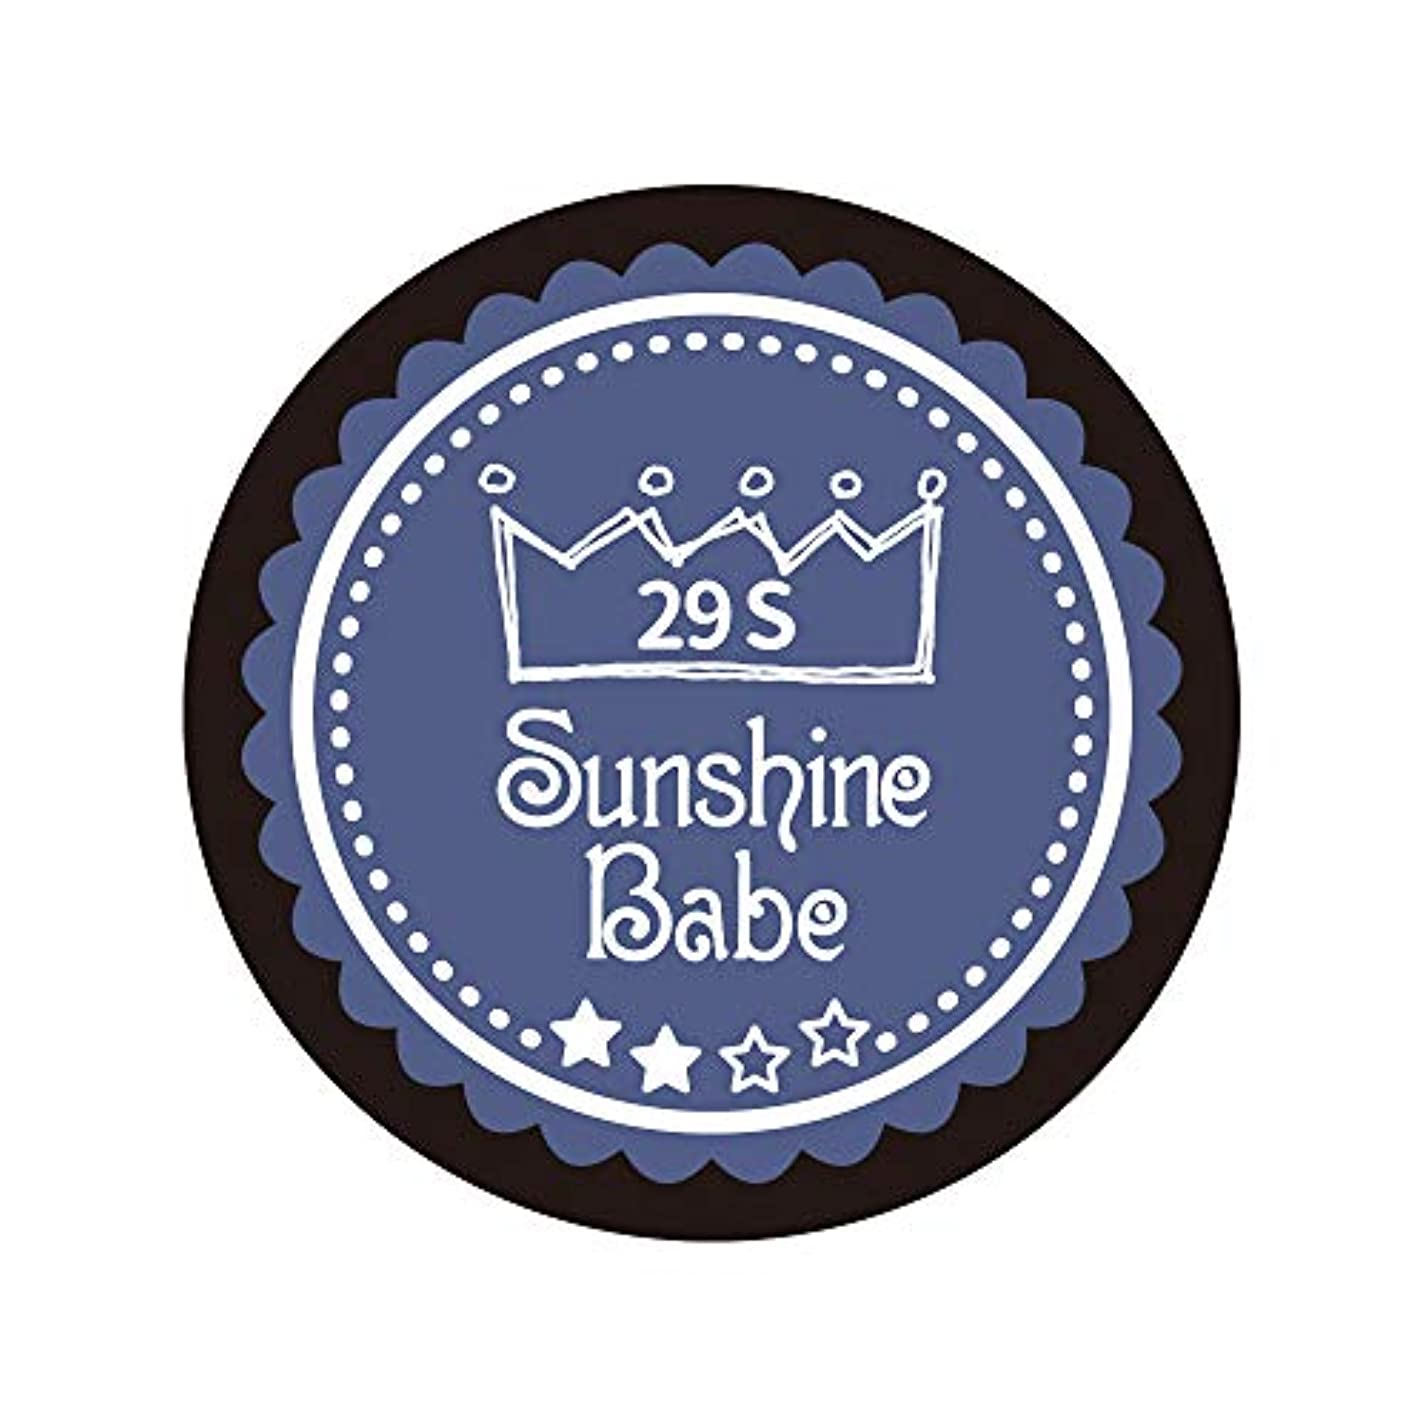 属するお勧め一時解雇するSunshine Babe カラージェル 29S ネイビーグレー 2.7g UV/LED対応